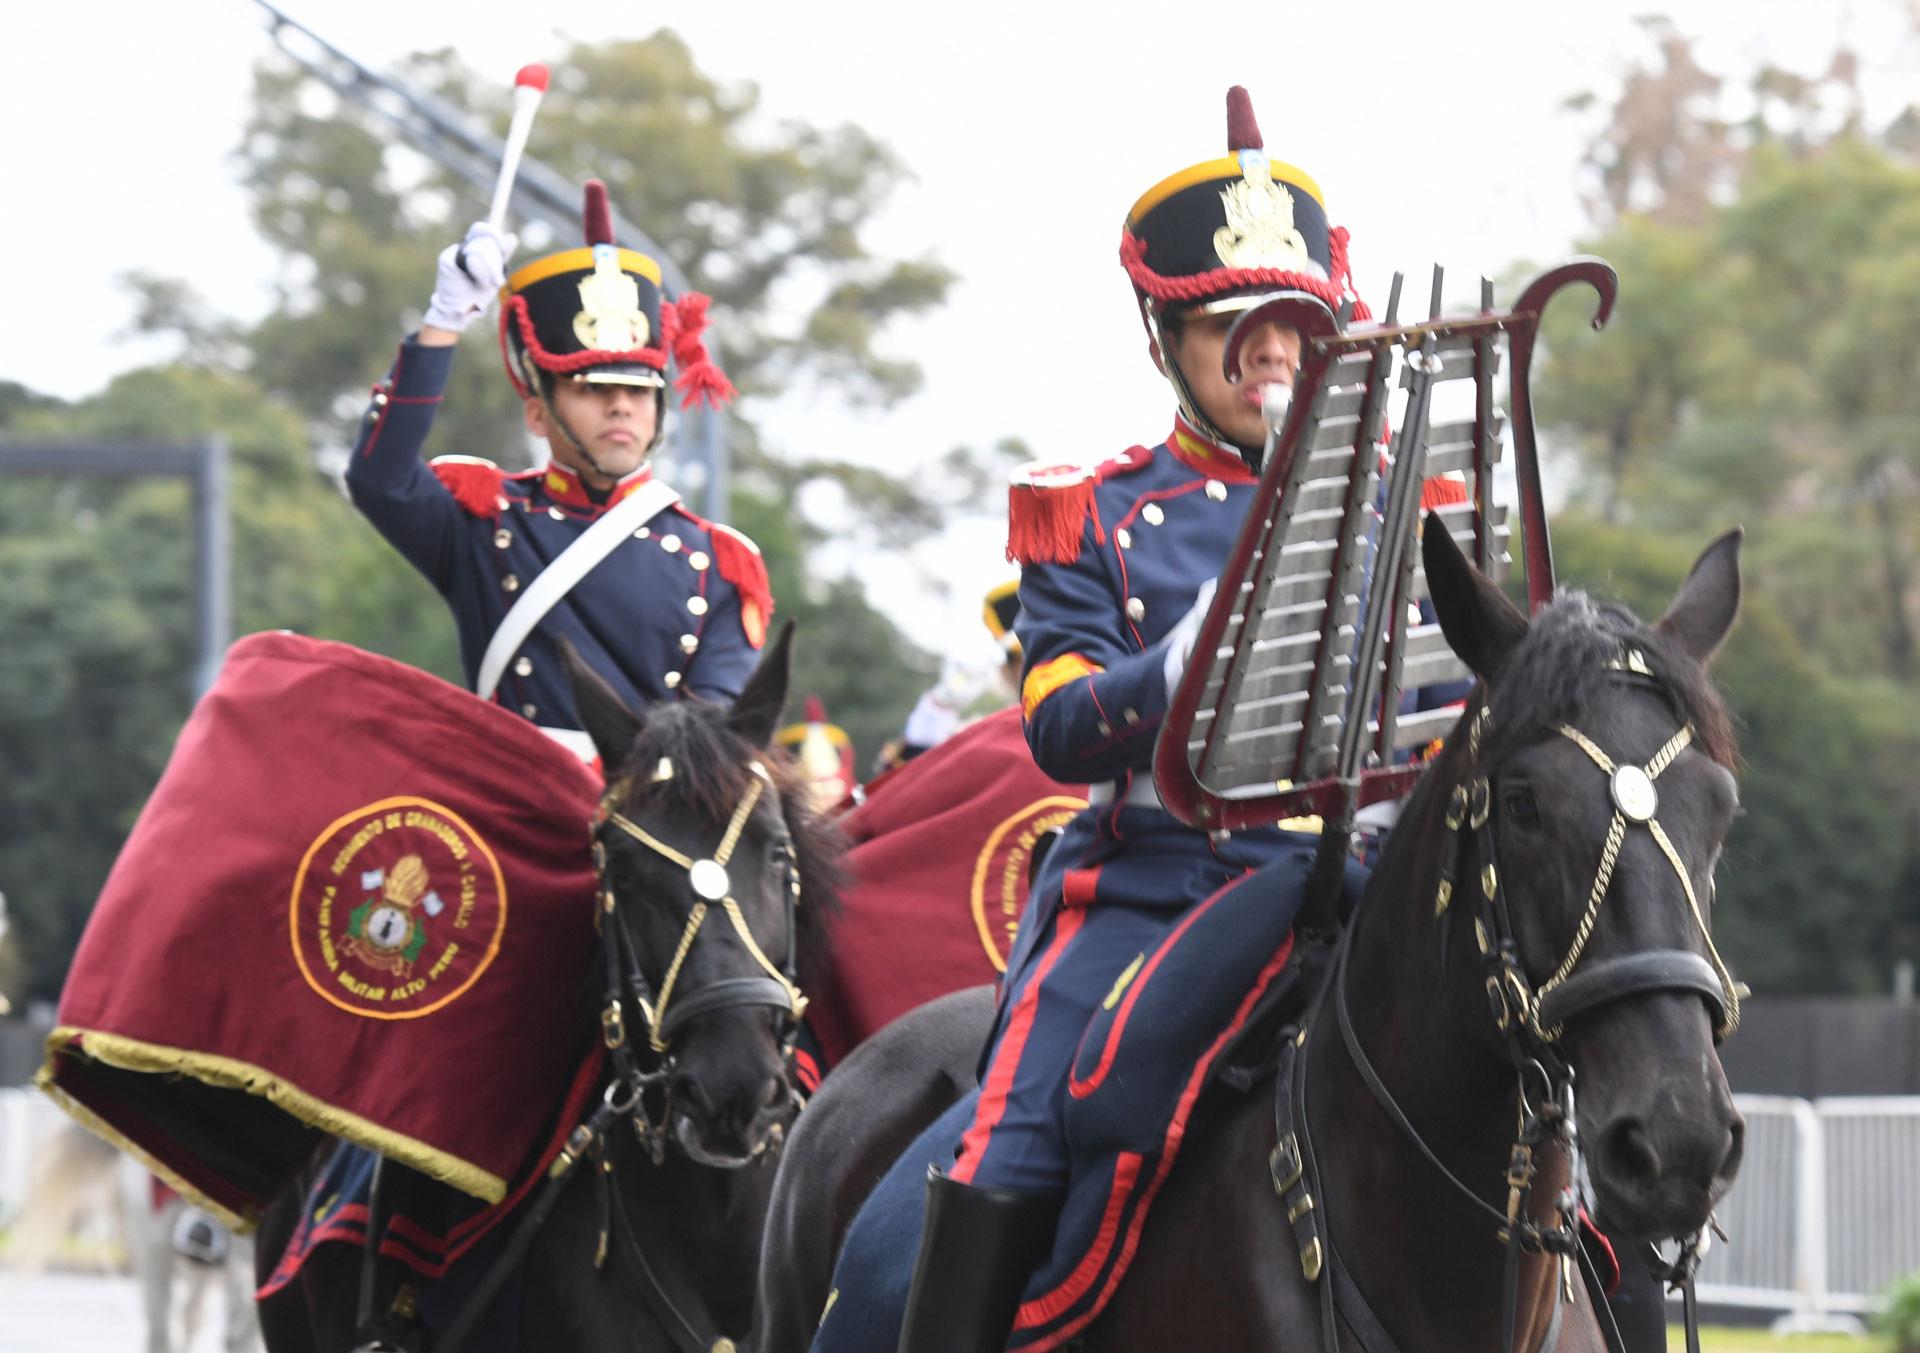 Los músicos fueron escoltados por un desfile de tropas del Estado Mayor Conjunto de las Fuerzas Armadas